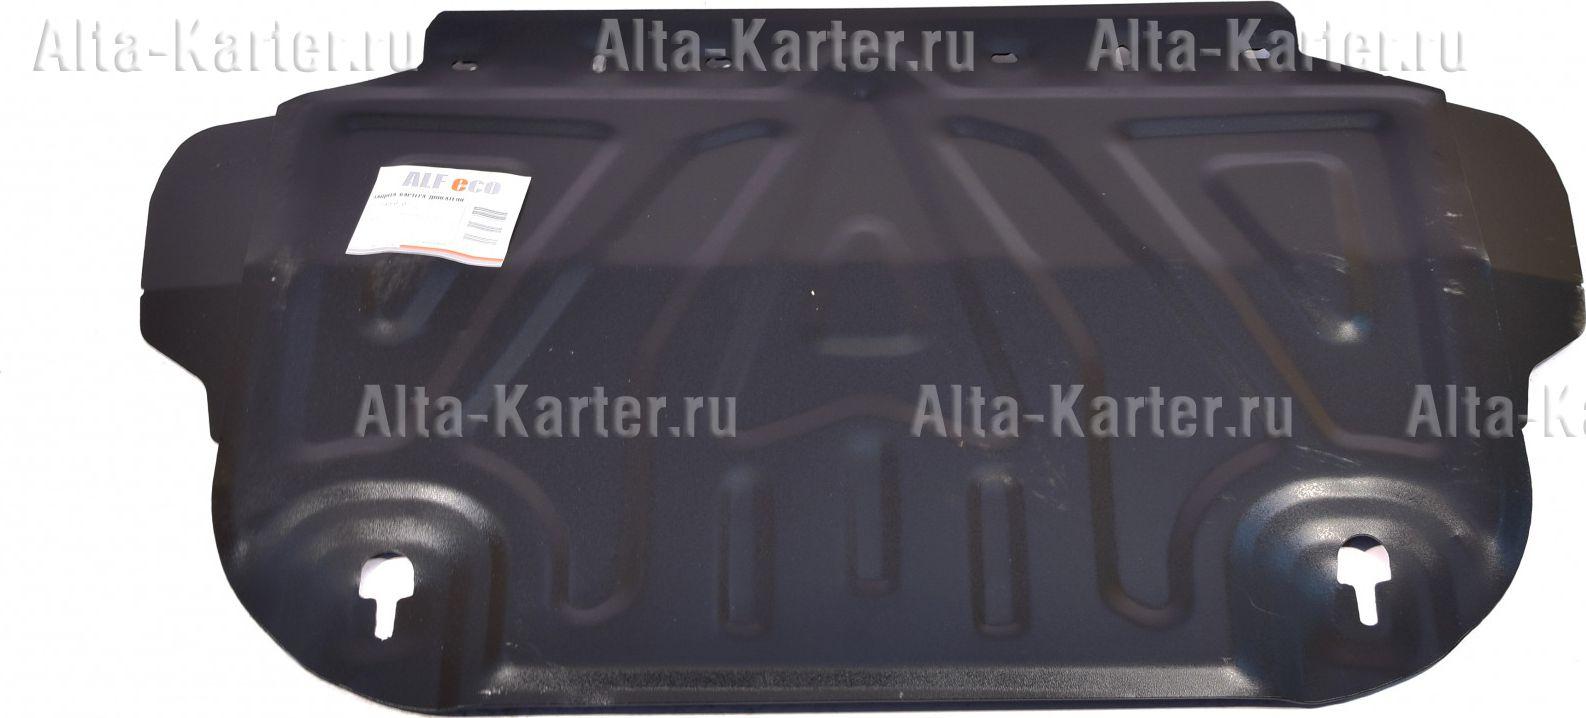 Защита Alfeco для картера и КПП Mazda 3 III 2013-2018. Артикул ALF.13.070